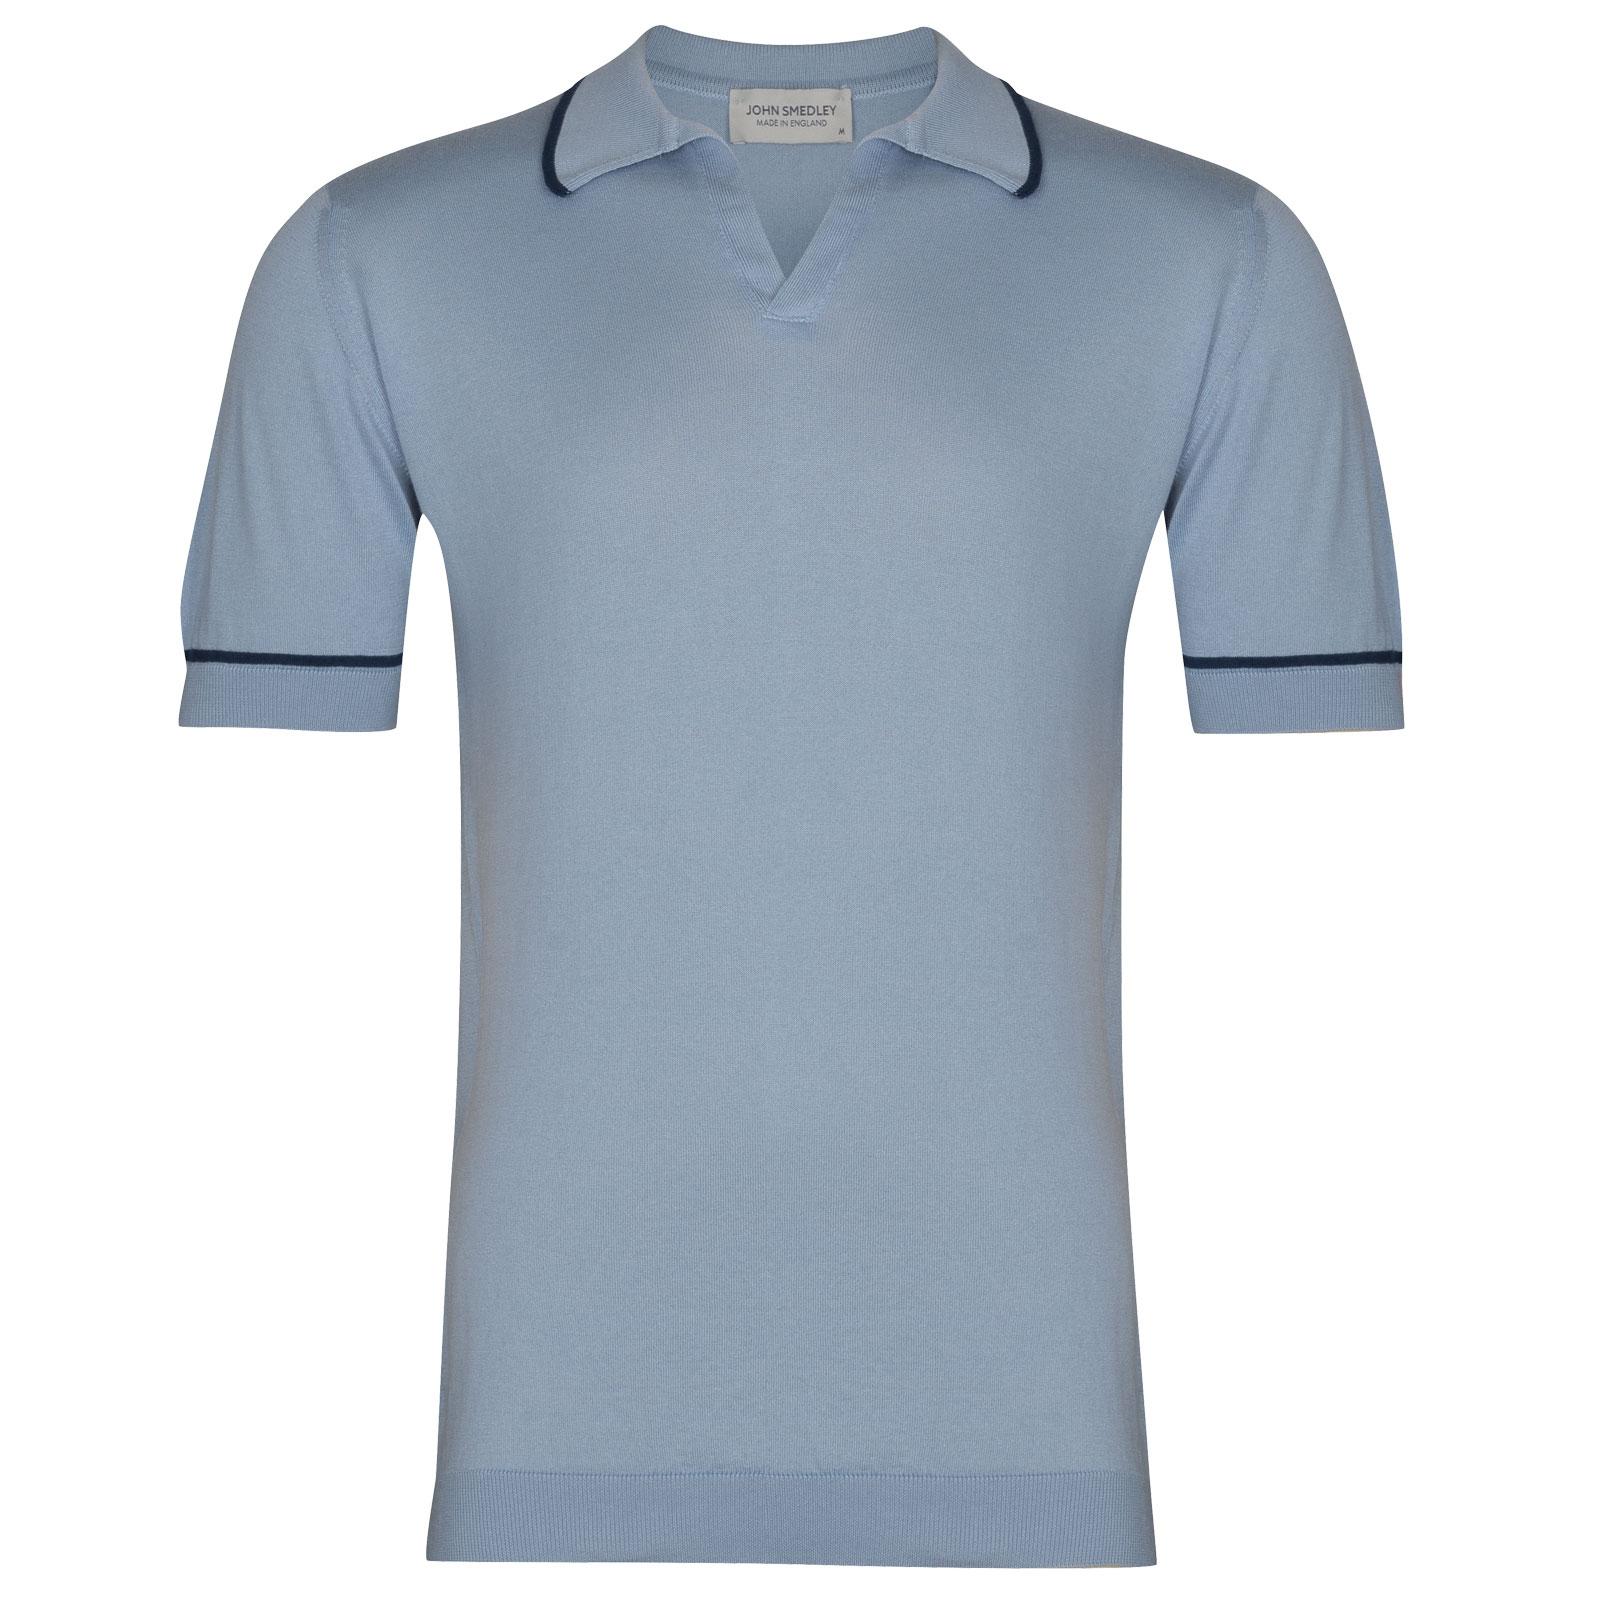 John Smedley Saxon in Dusk Blue Shirt-LGE